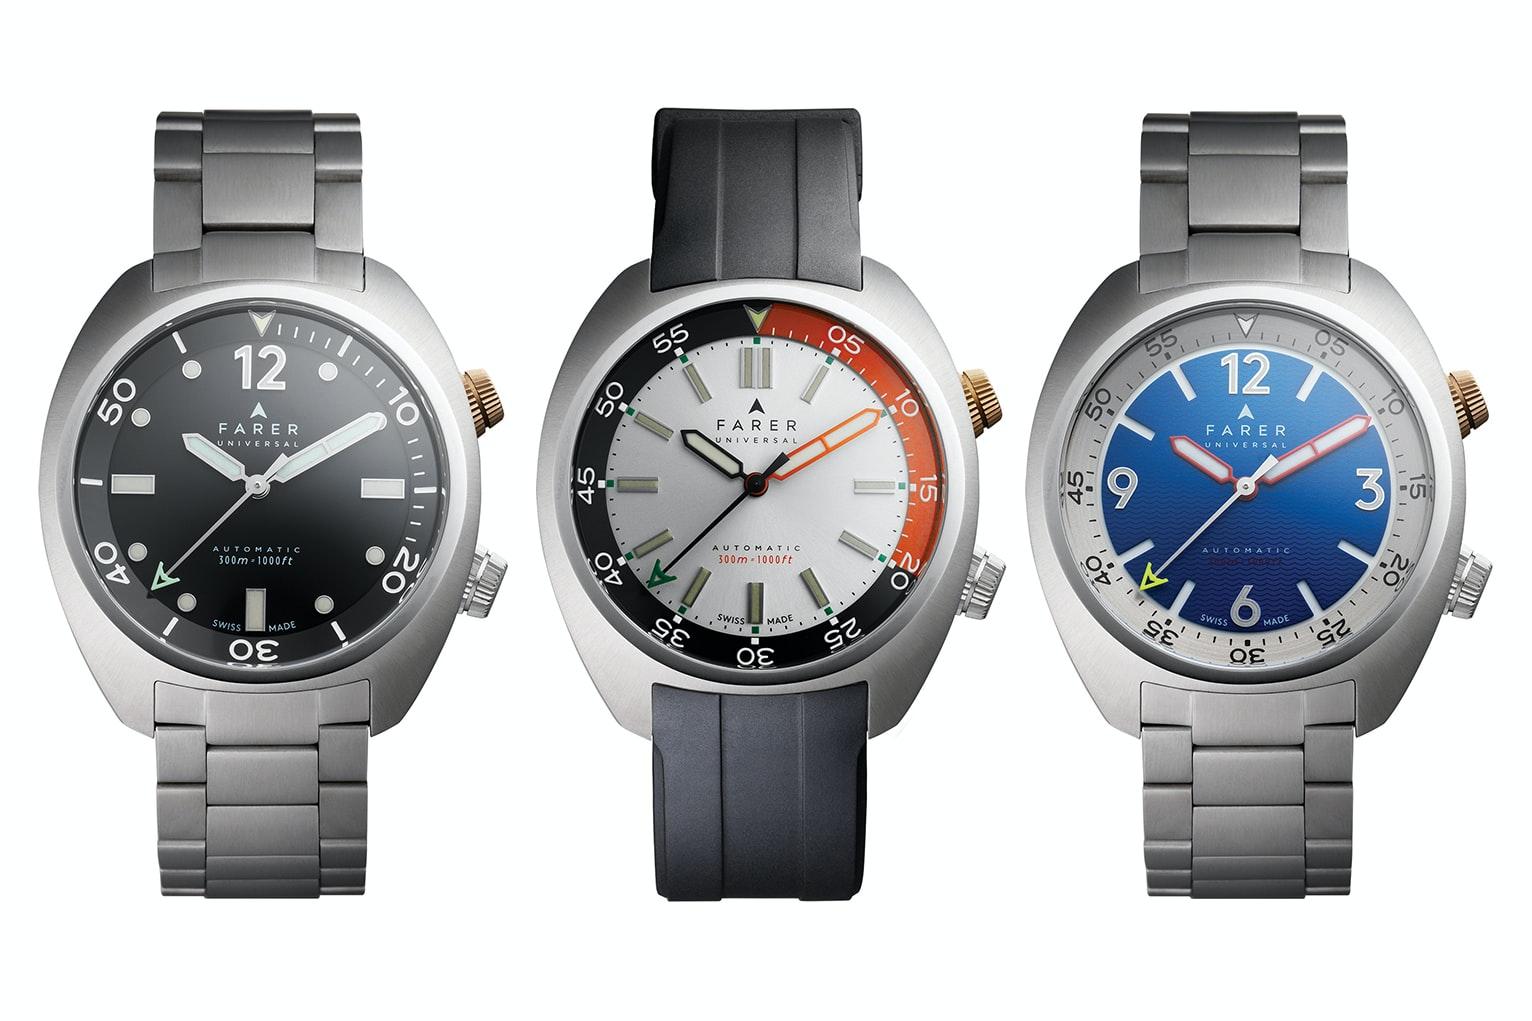 farer aqua compressor dive watches Introducing: Farer Aqua Compressor Automatic Dive Watches Introducing: Farer Aqua Compressor Automatic Dive Watches Farer Aqua Compressor 5